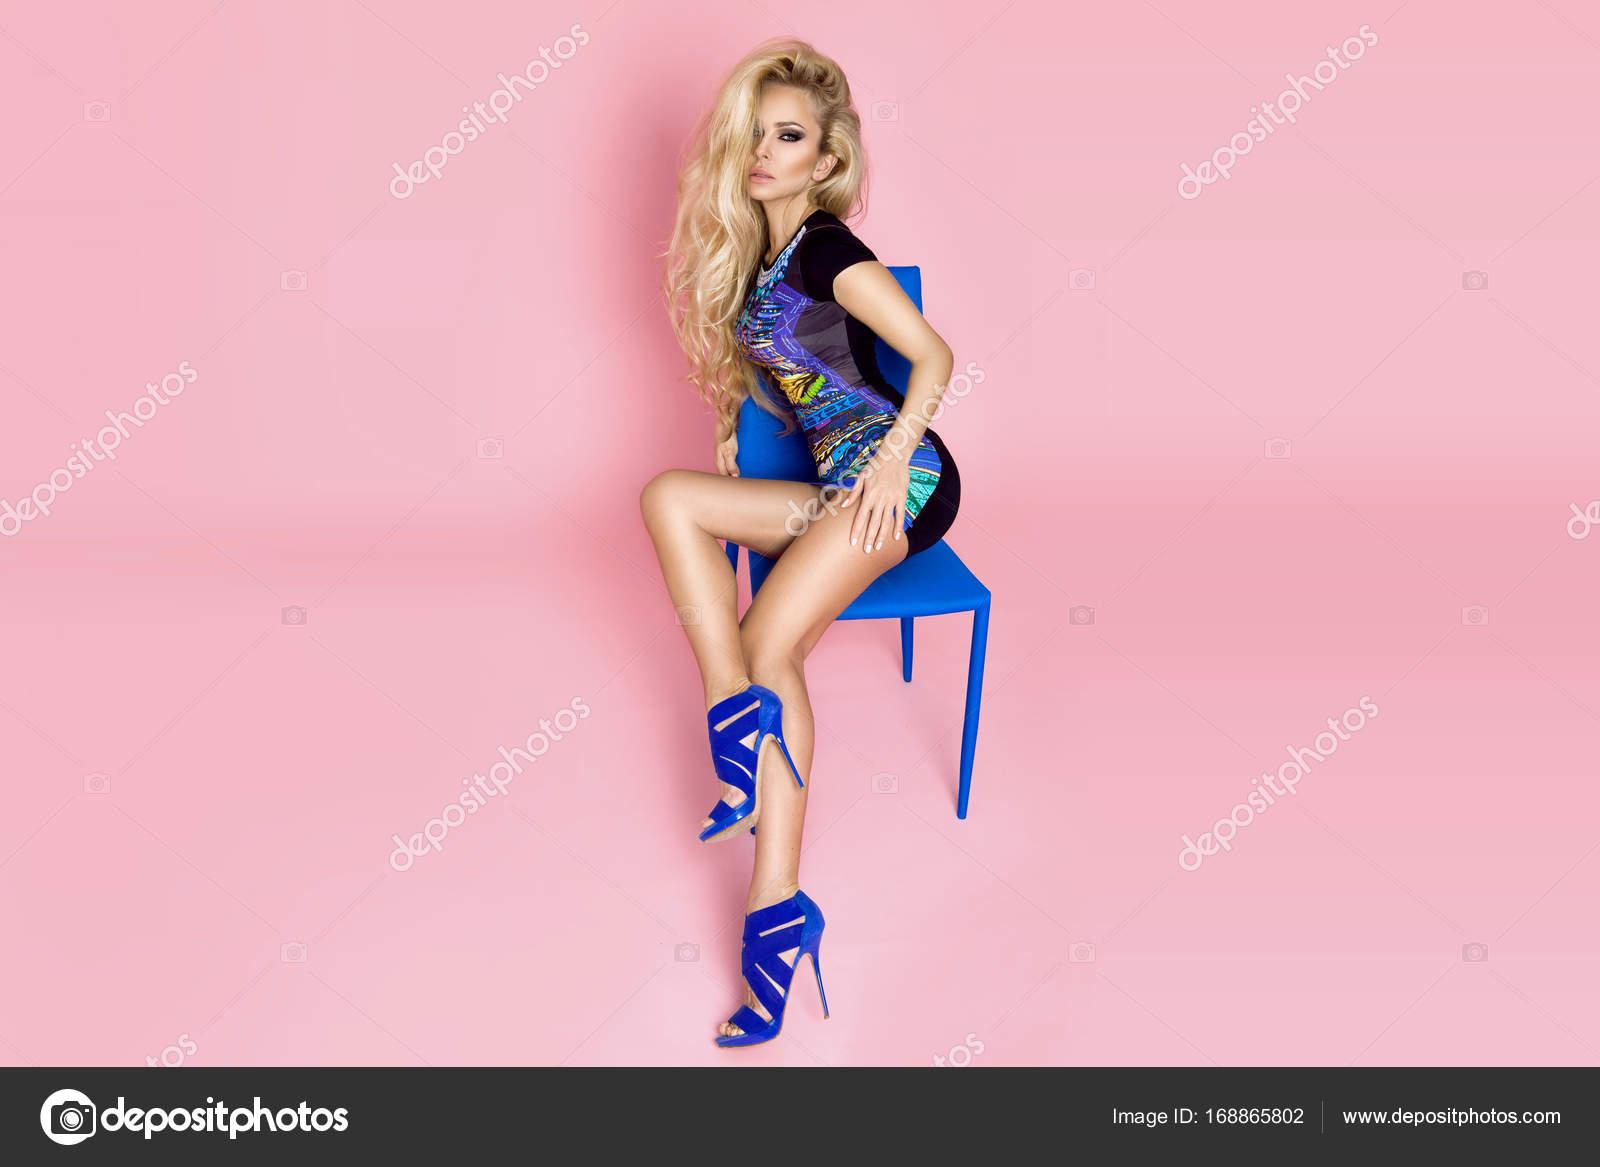 Impresionante modelo mujer hermosa vestida de primavera y verano ...